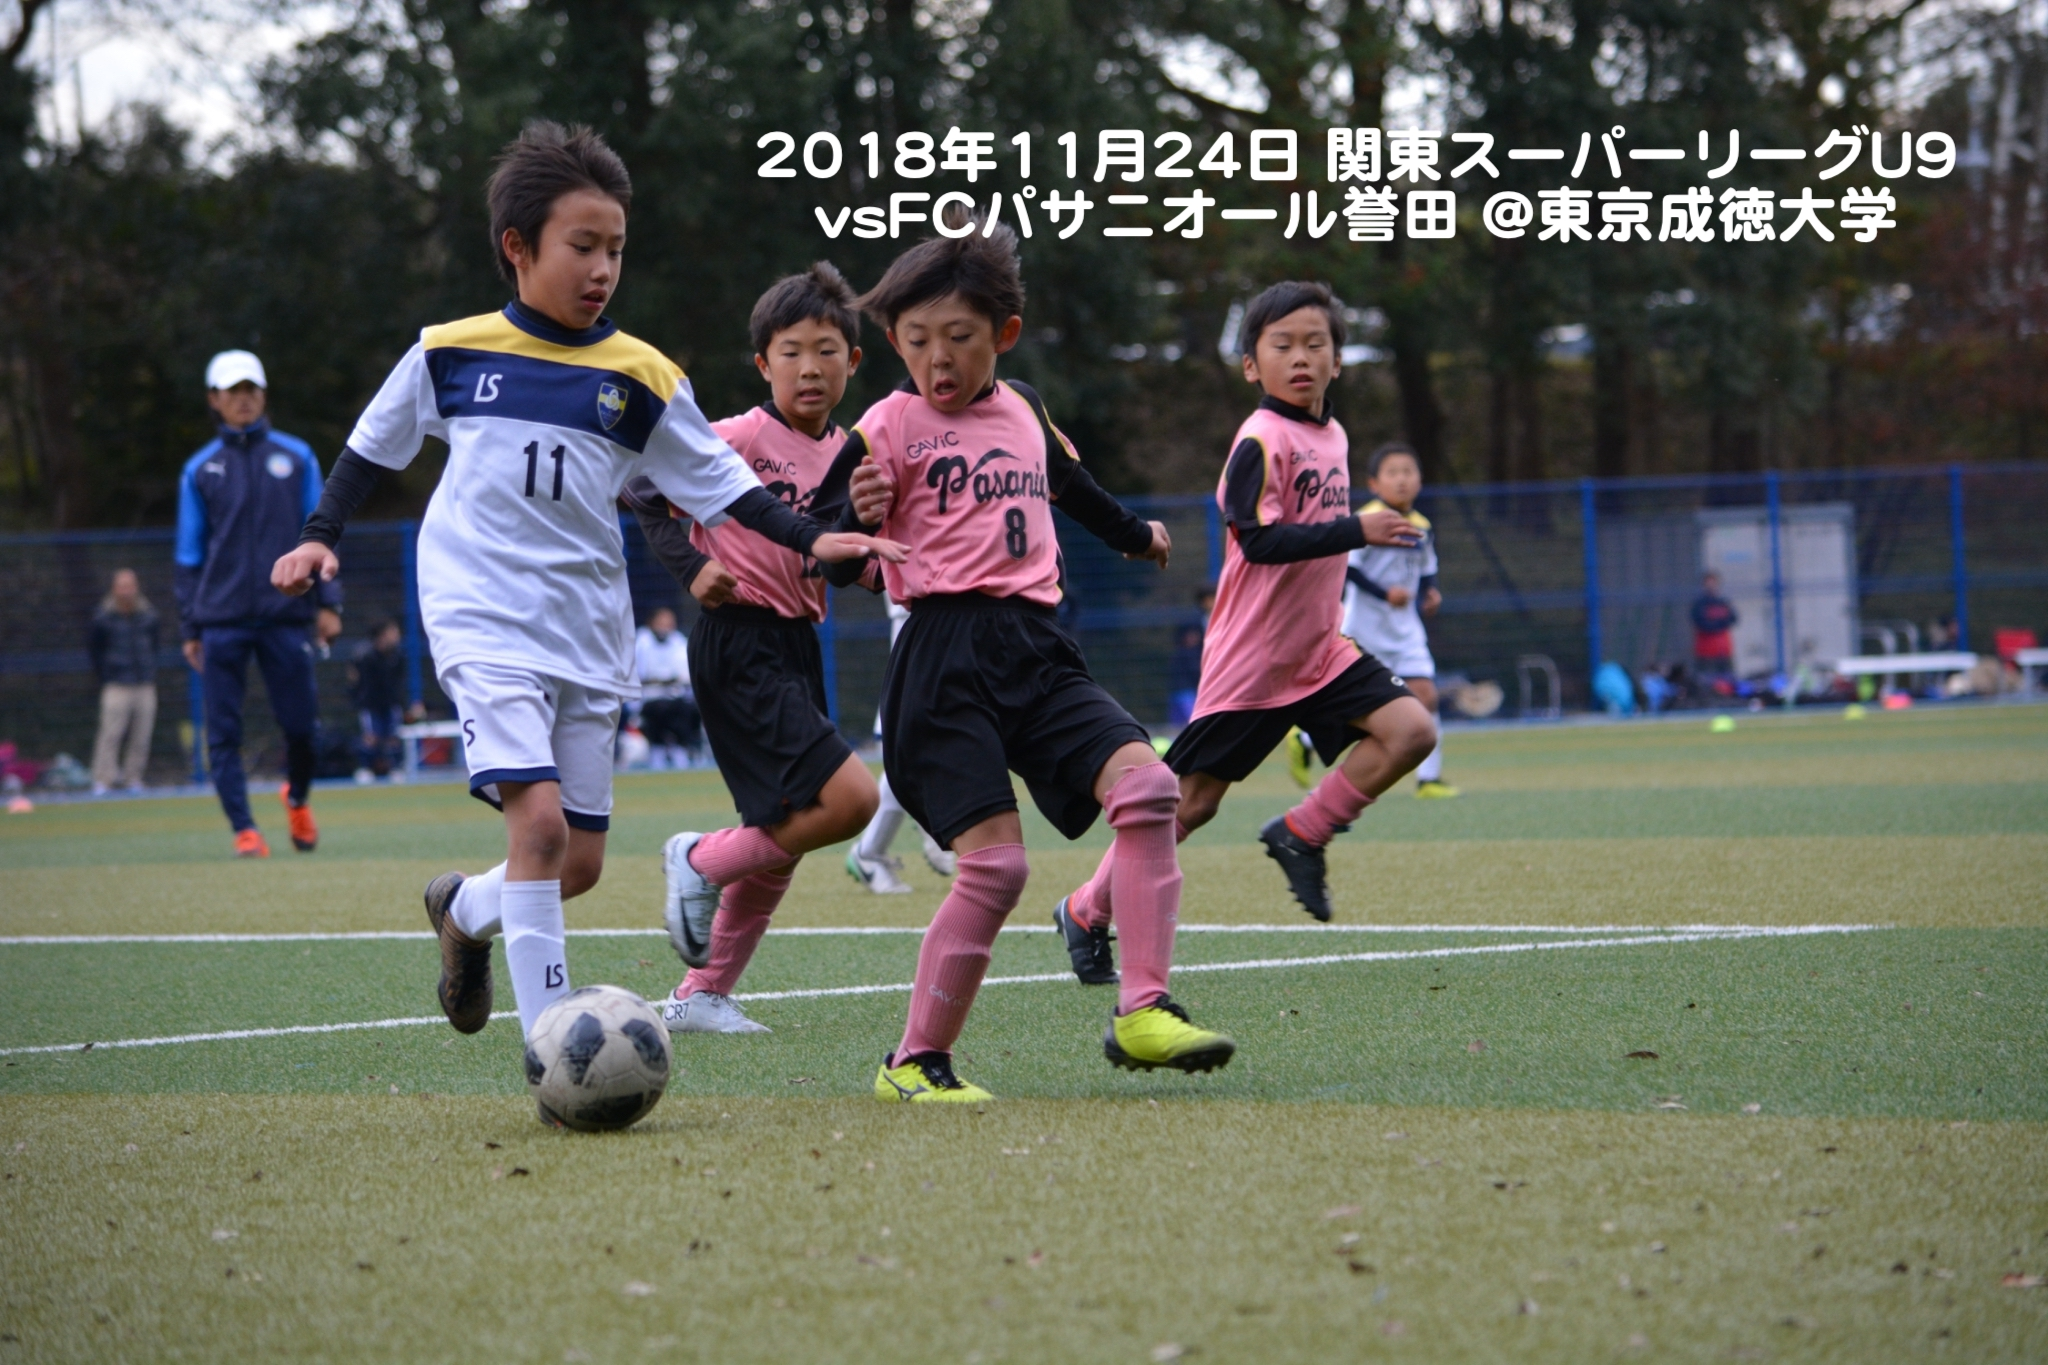 181124 関東スーパーリーグ_181130_0025